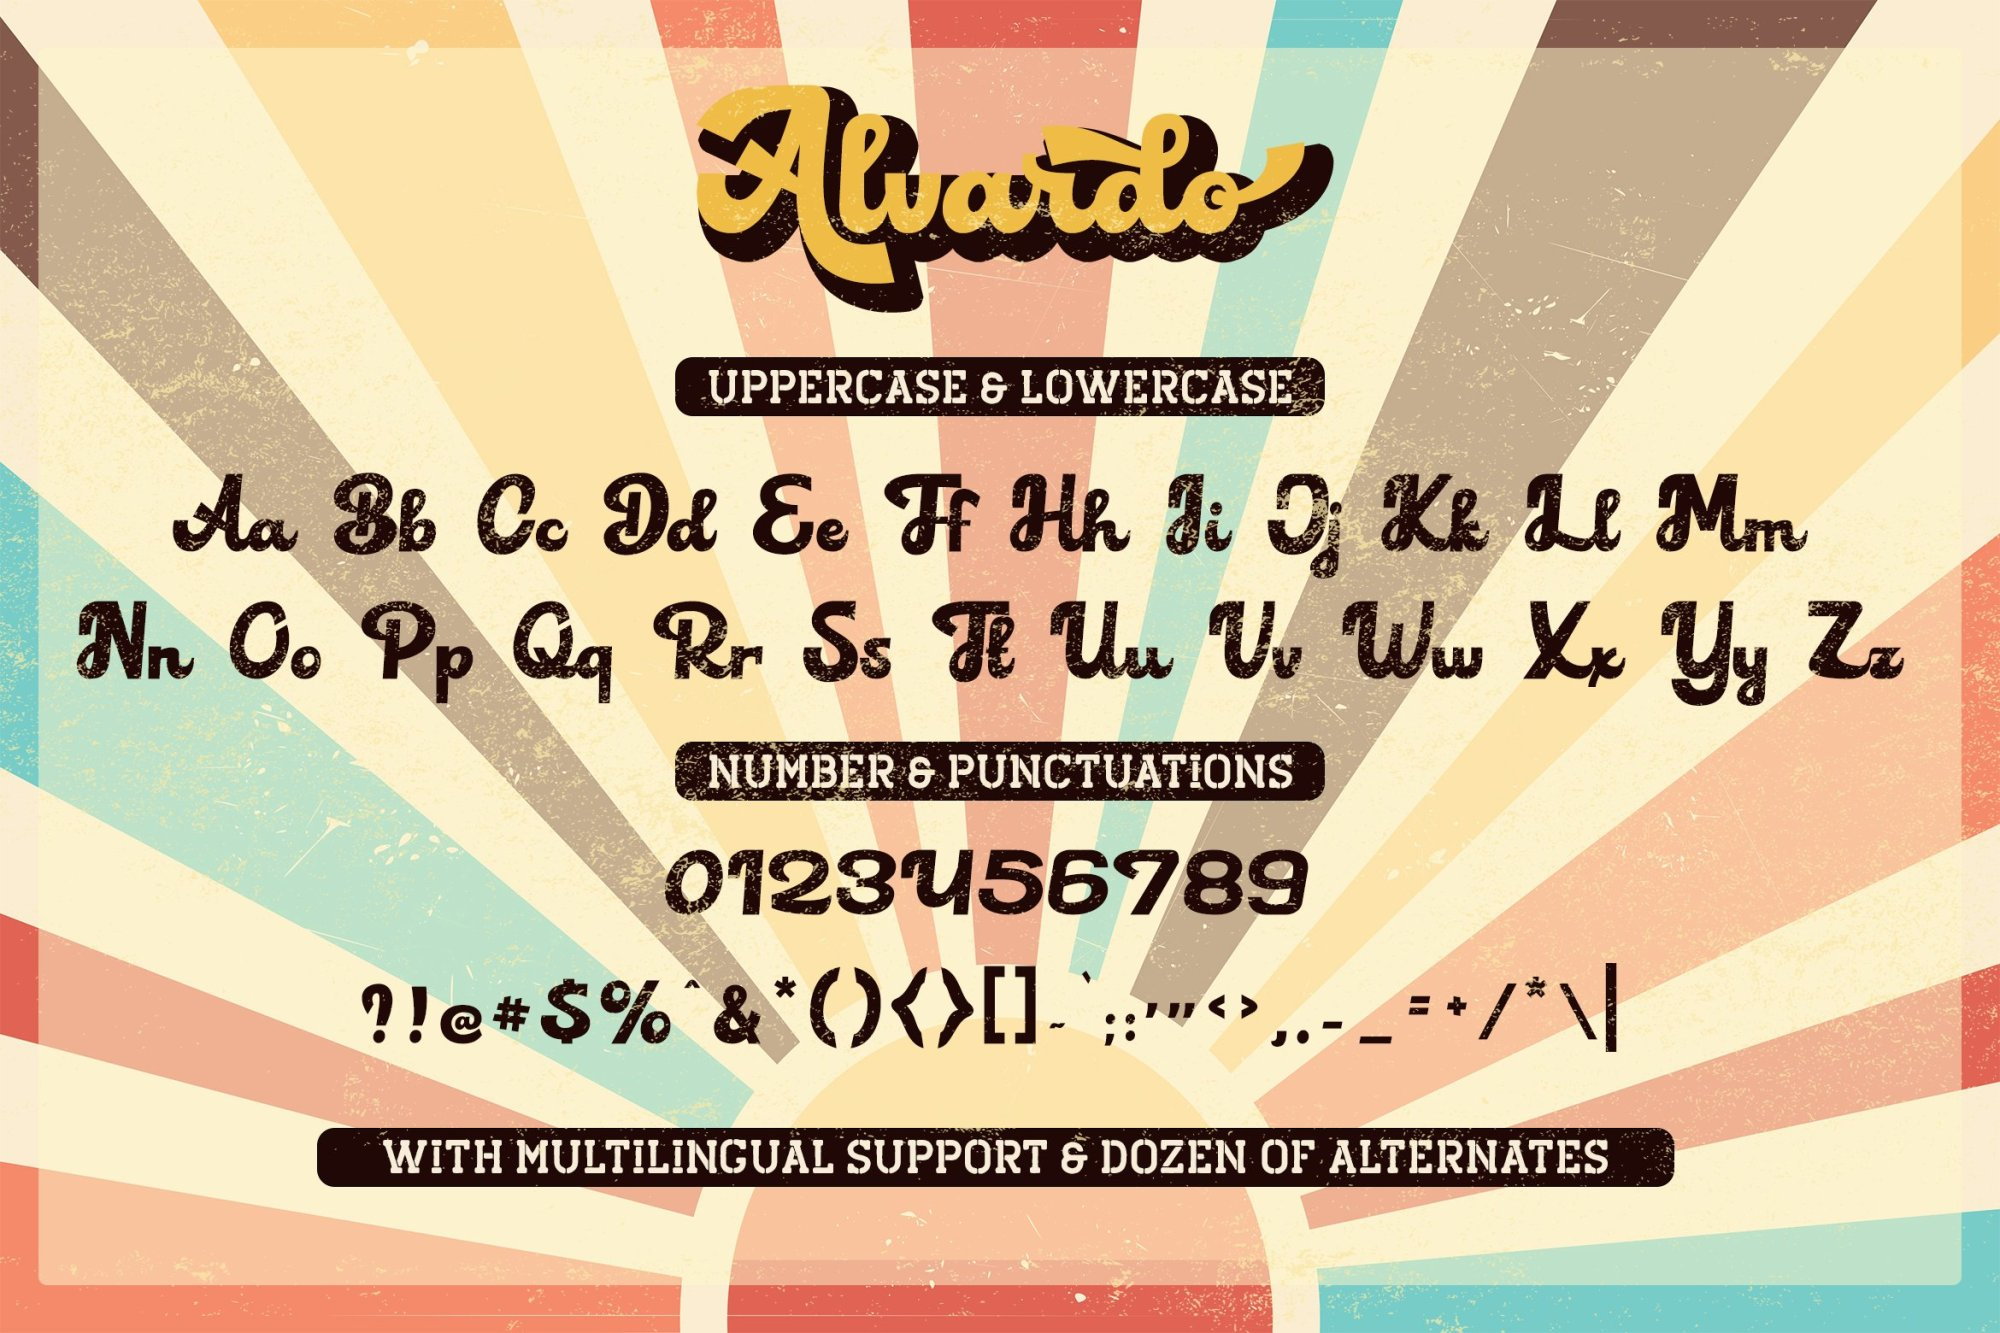 Alvardo-Font-3